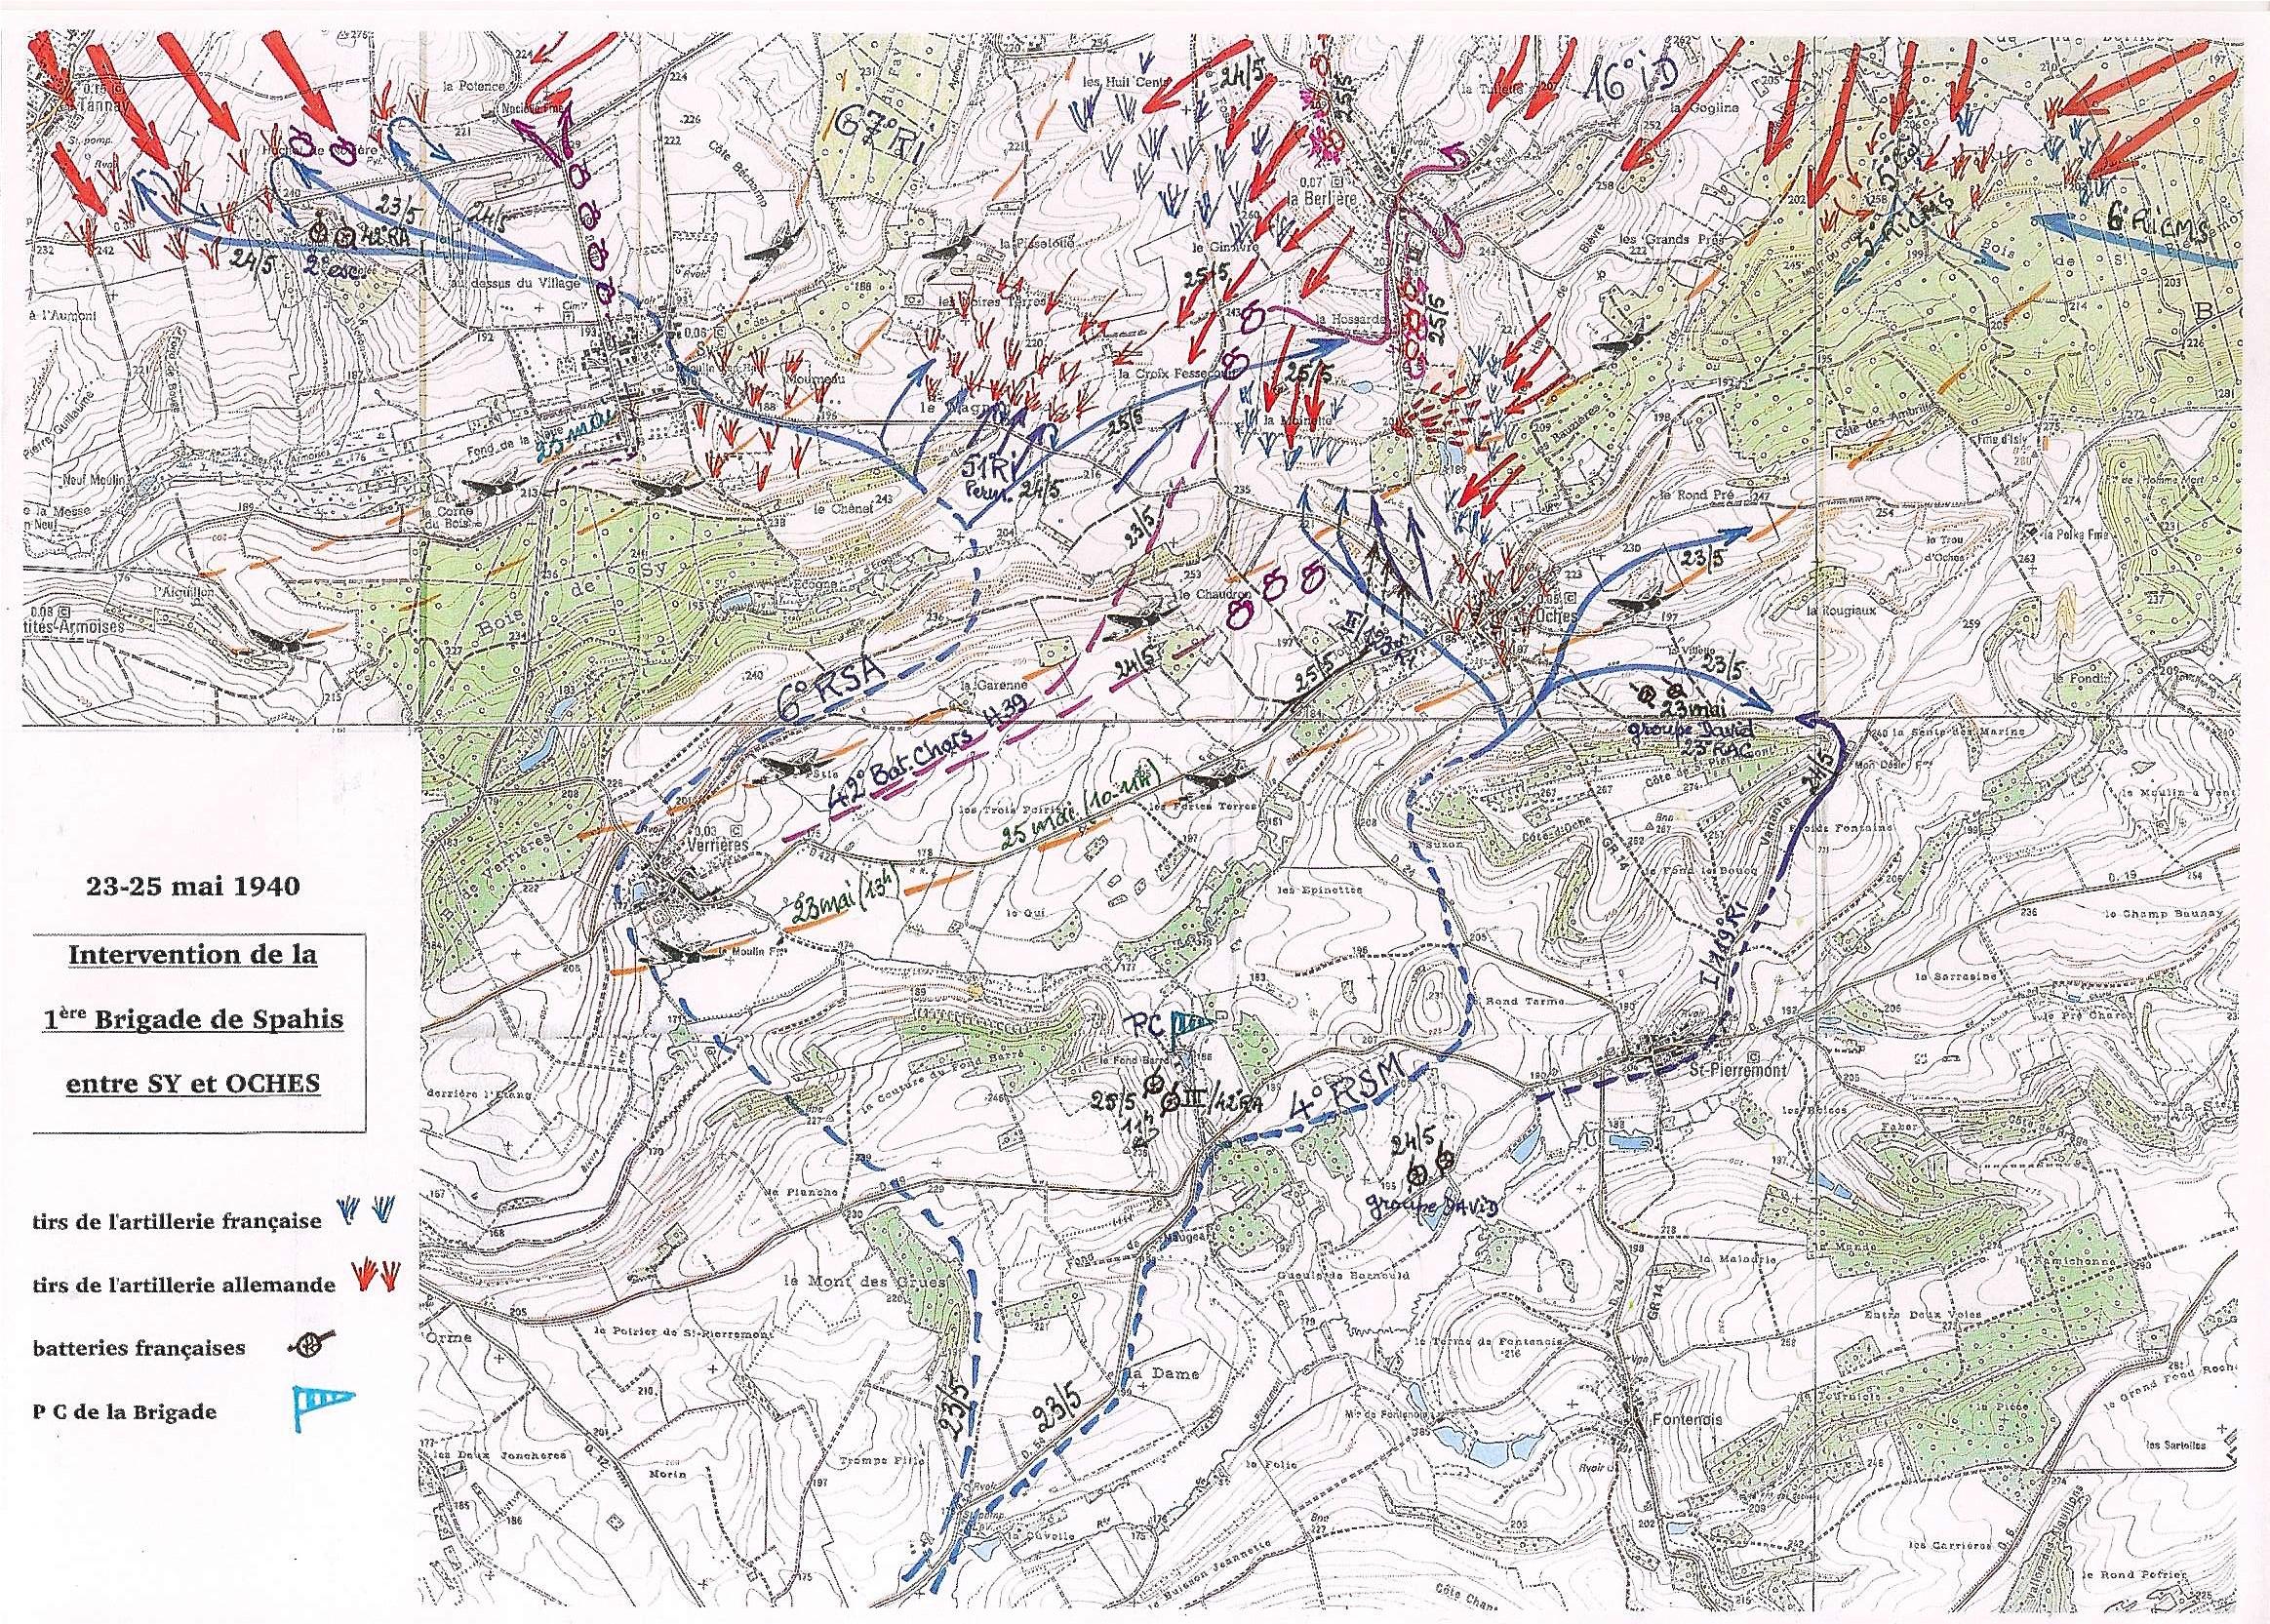 Intervention de la première Brigade de Spahis entre Sy et Oches : 23 et 25 mai 1940